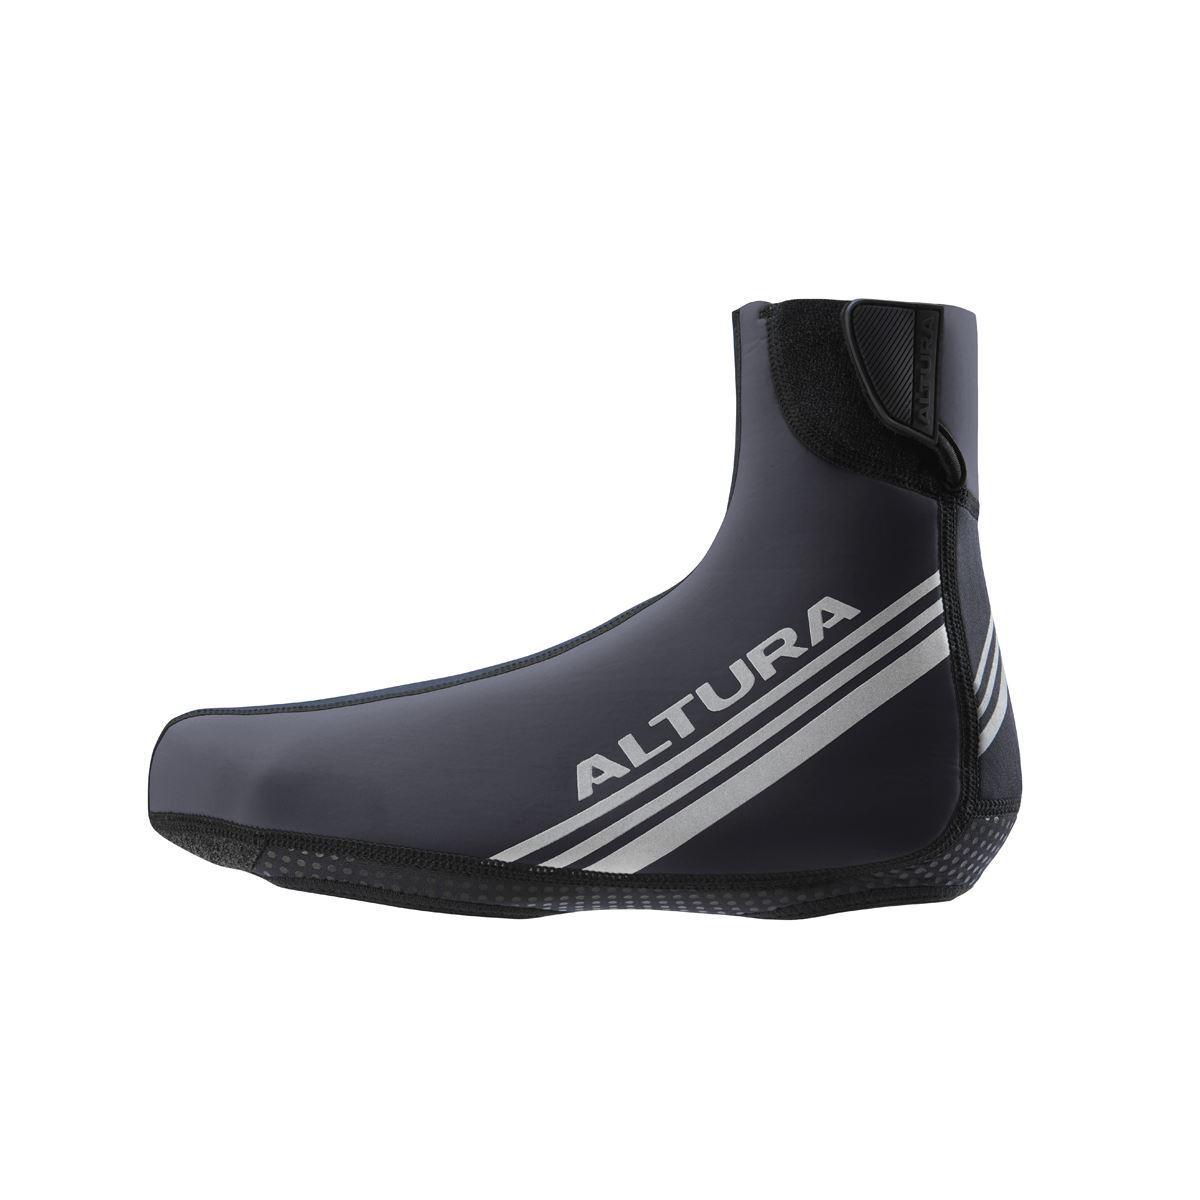 Überschuhe für Radsport Radsport Radsport Überschuhe Altura Thermostretch 2 Schwarze XL 2a32e5